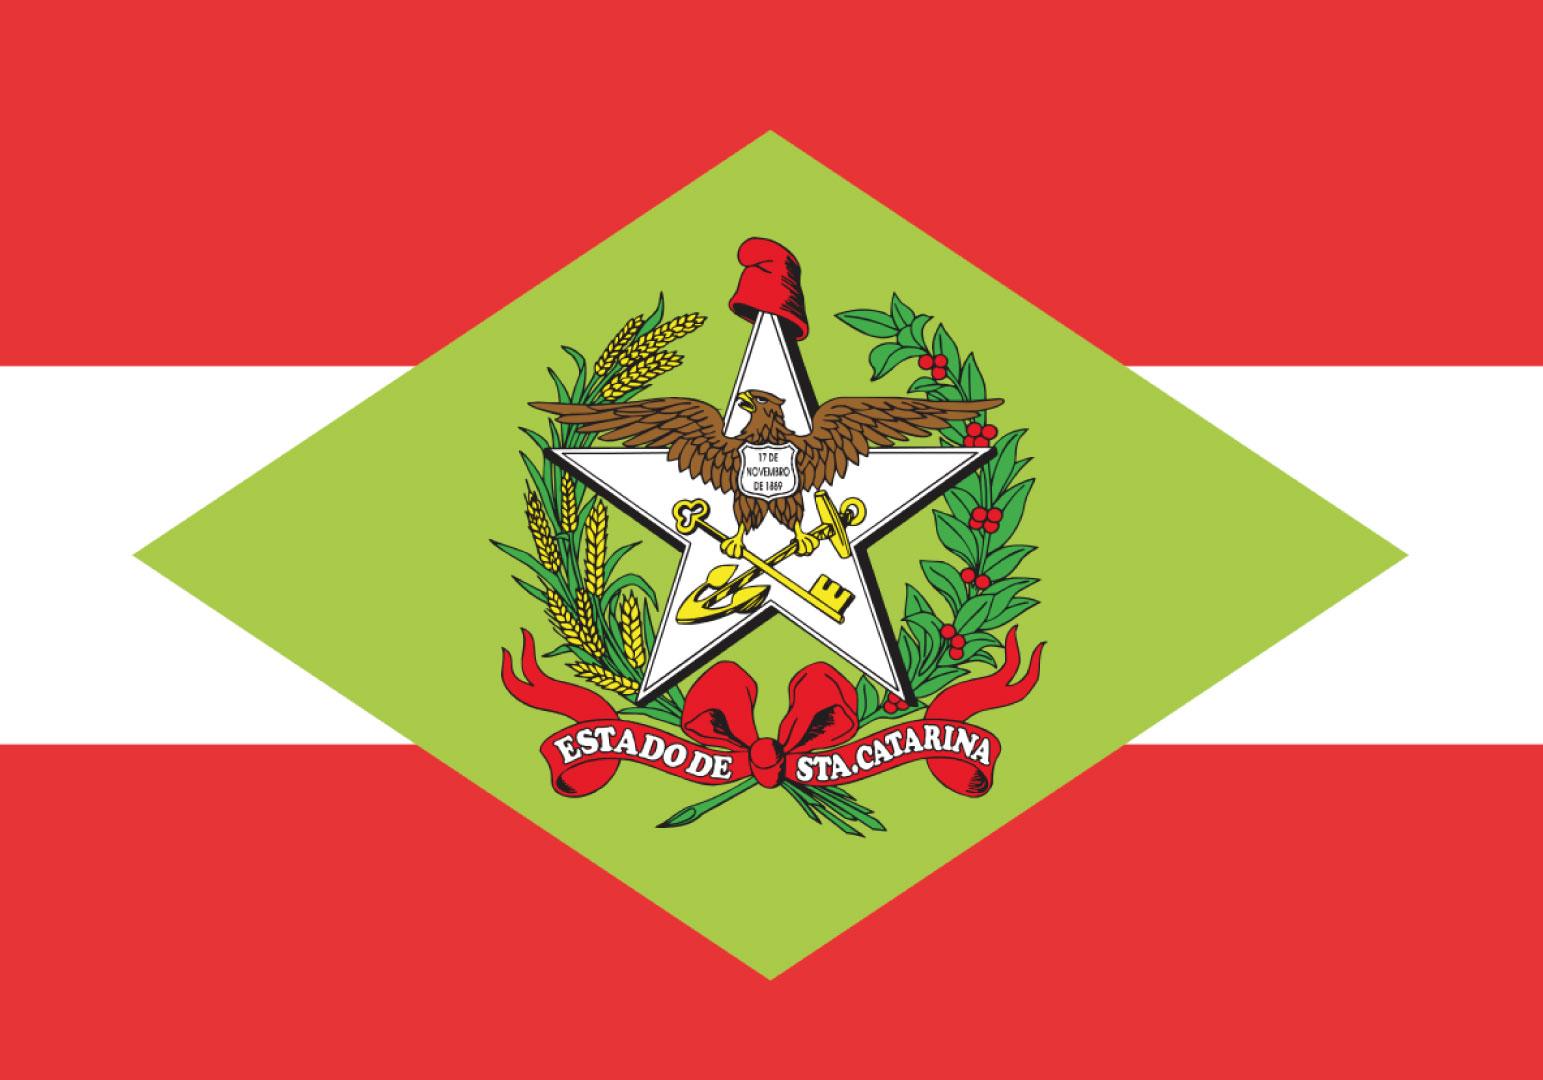 Sindicato dos C.F.C.s do Estado de Santa Catarina